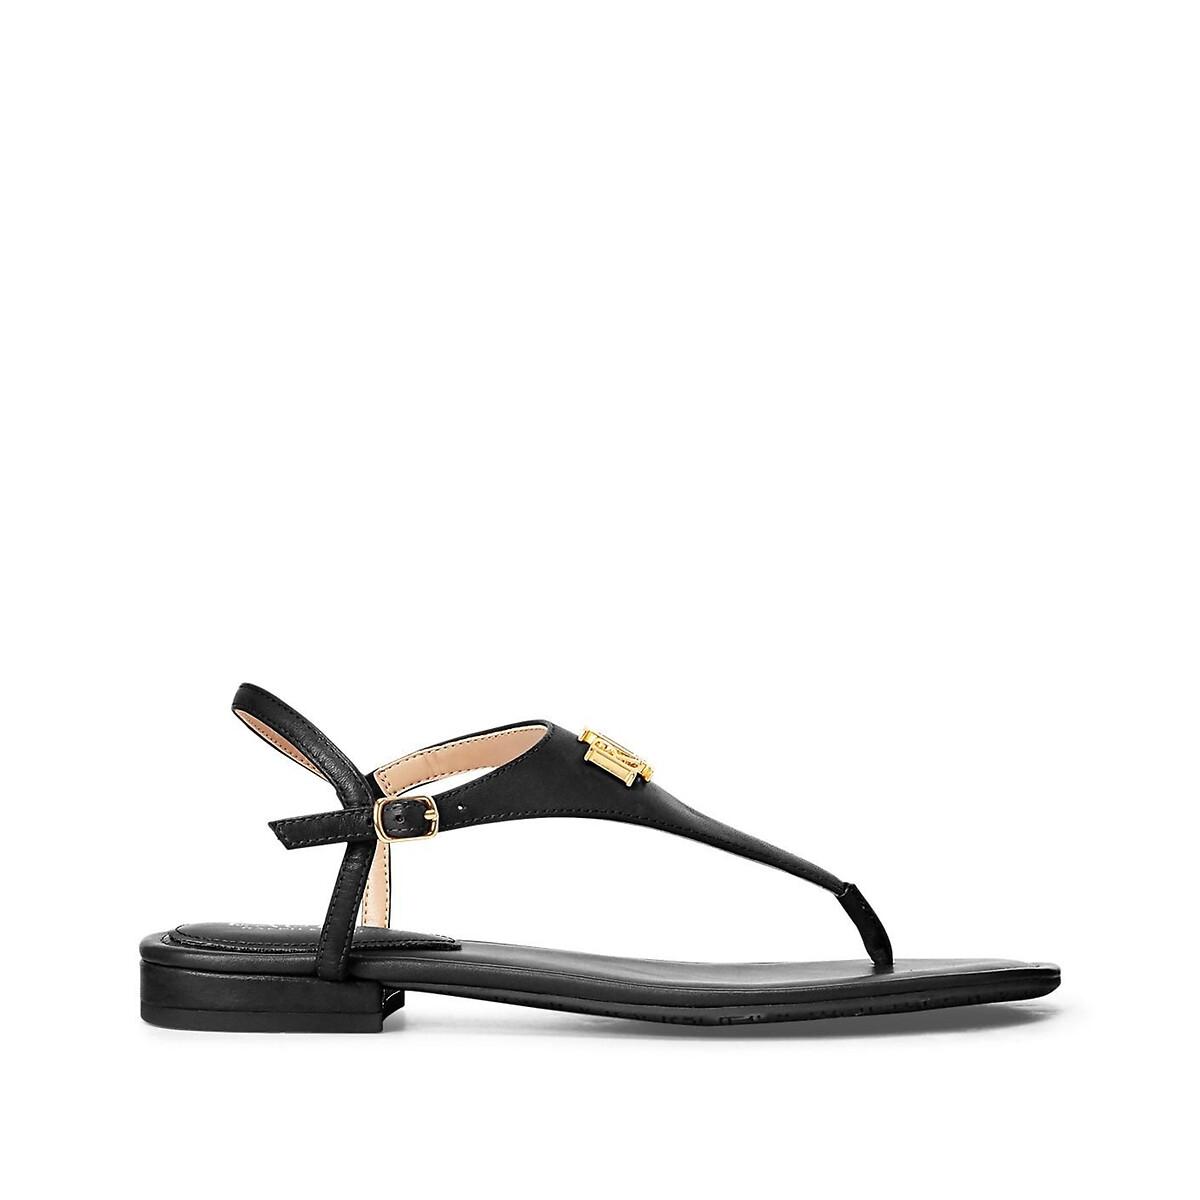 Сандалии LaRedoute С перемычкой из кожи на плоском каблуке 40 черный 12⠀storeez сандалии с перемычкой